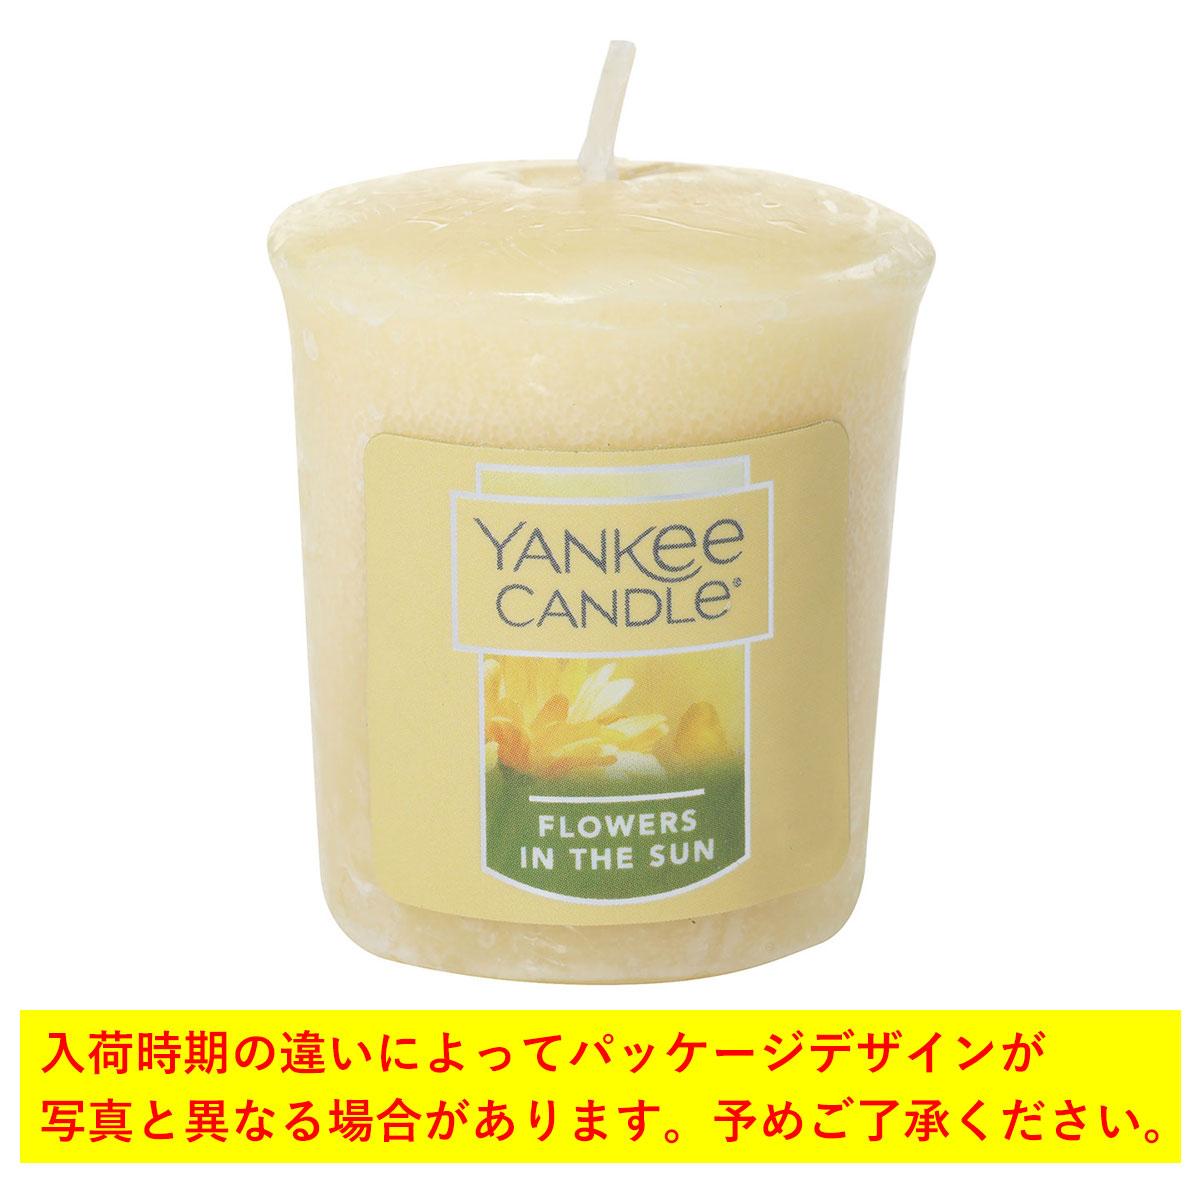 ヤンキーキャンドル サンプラー 正規販売店 YANKEE CANDLE アロマキャンドル フレグランス YCサンプラー フラワーインザサン K00105274 A49B B3C C3D D0E E00F